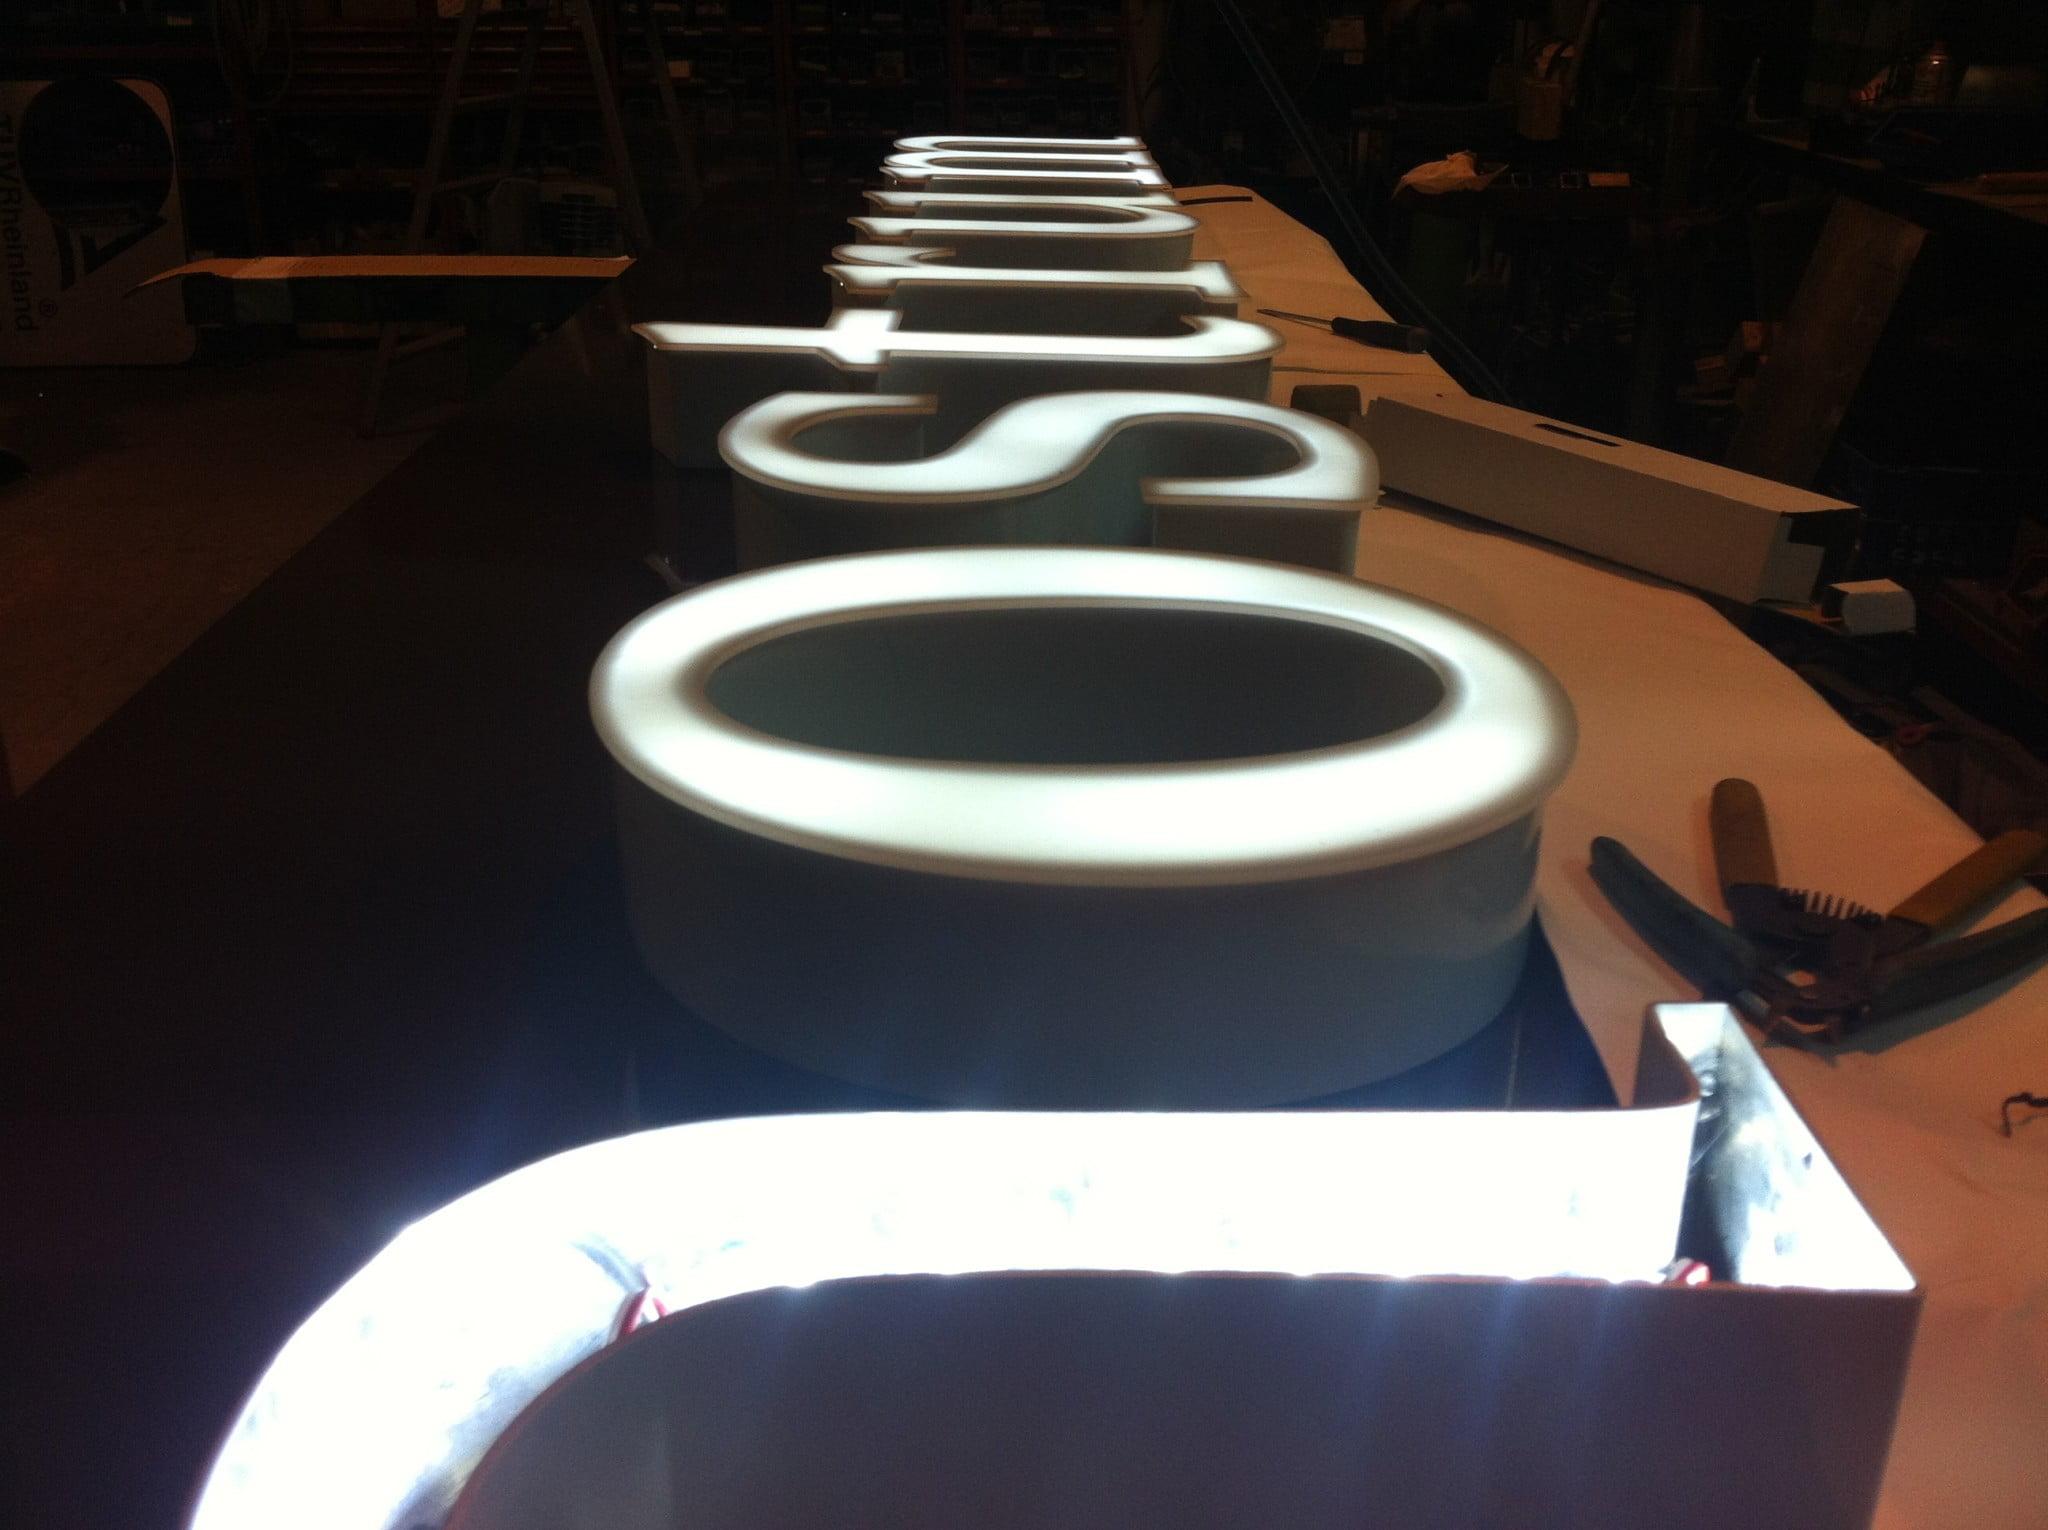 Letras corp reas r tulos sanju - Fabricacion letras corporeas ...